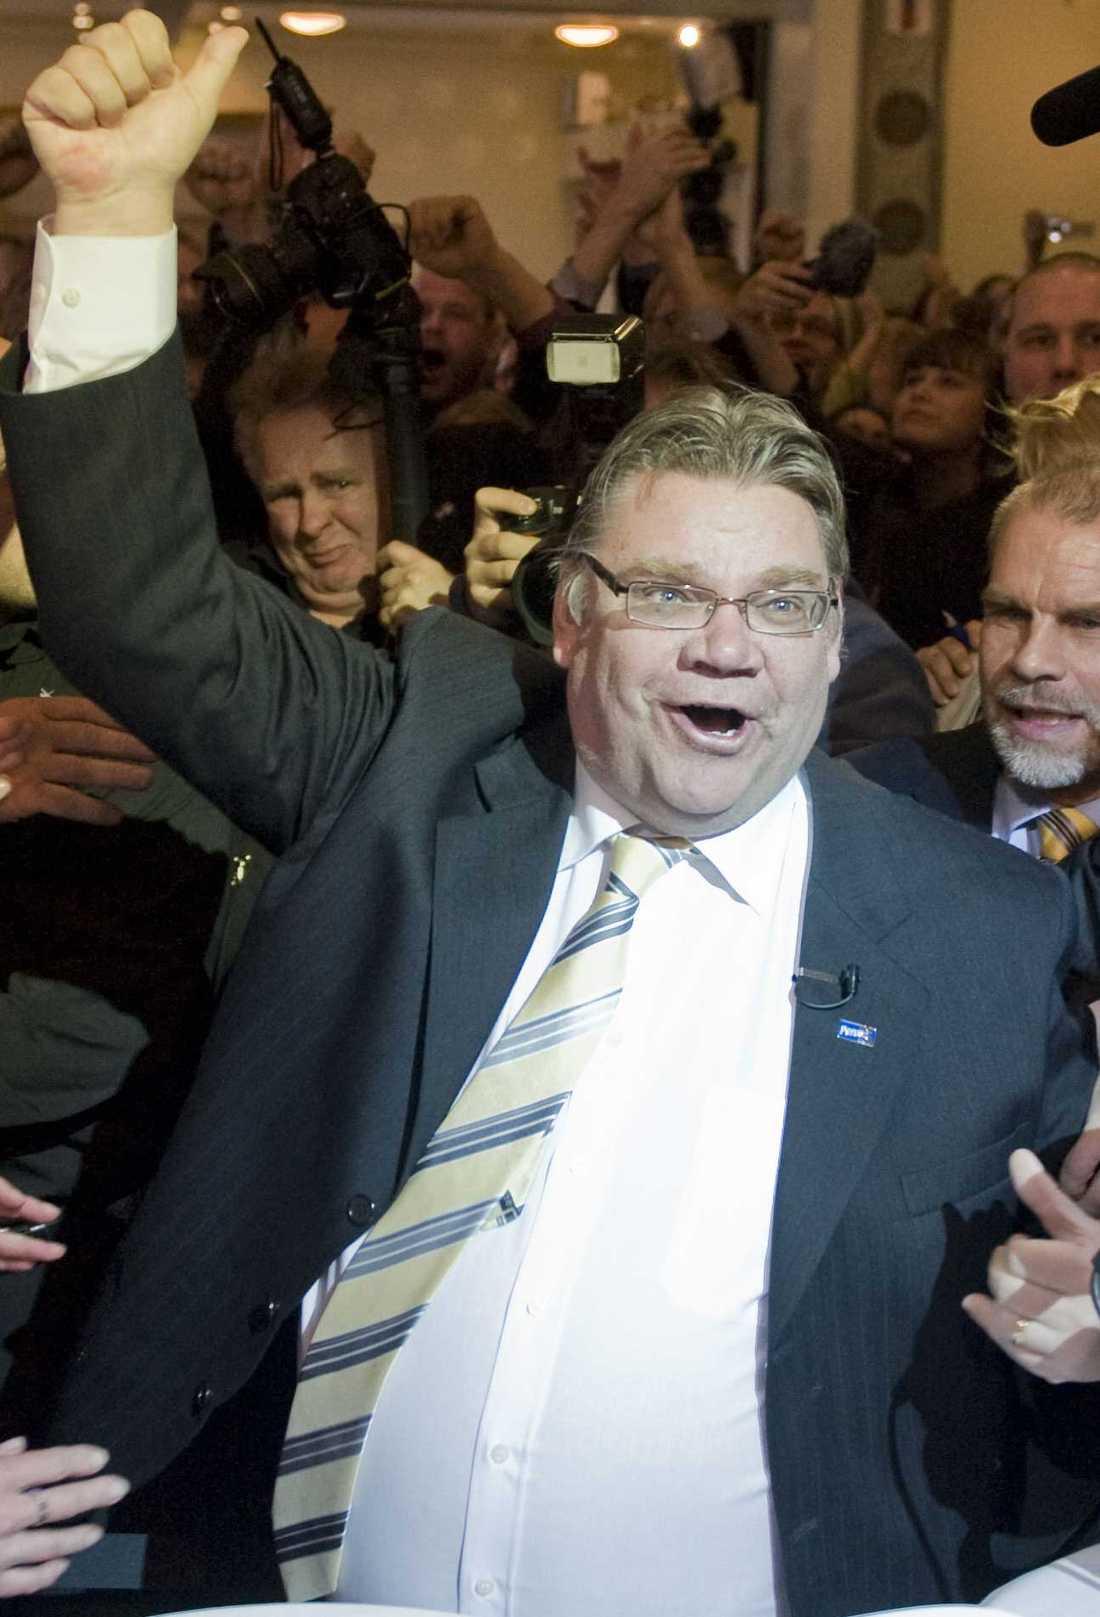 Överraskade Tomi Soini, Sannfinländarnas partiledare, jublade efter att partiet skrällt rejält i det finska valet i går. De gick från ett väljarstöd på 4 till 19 procent på fyra år.